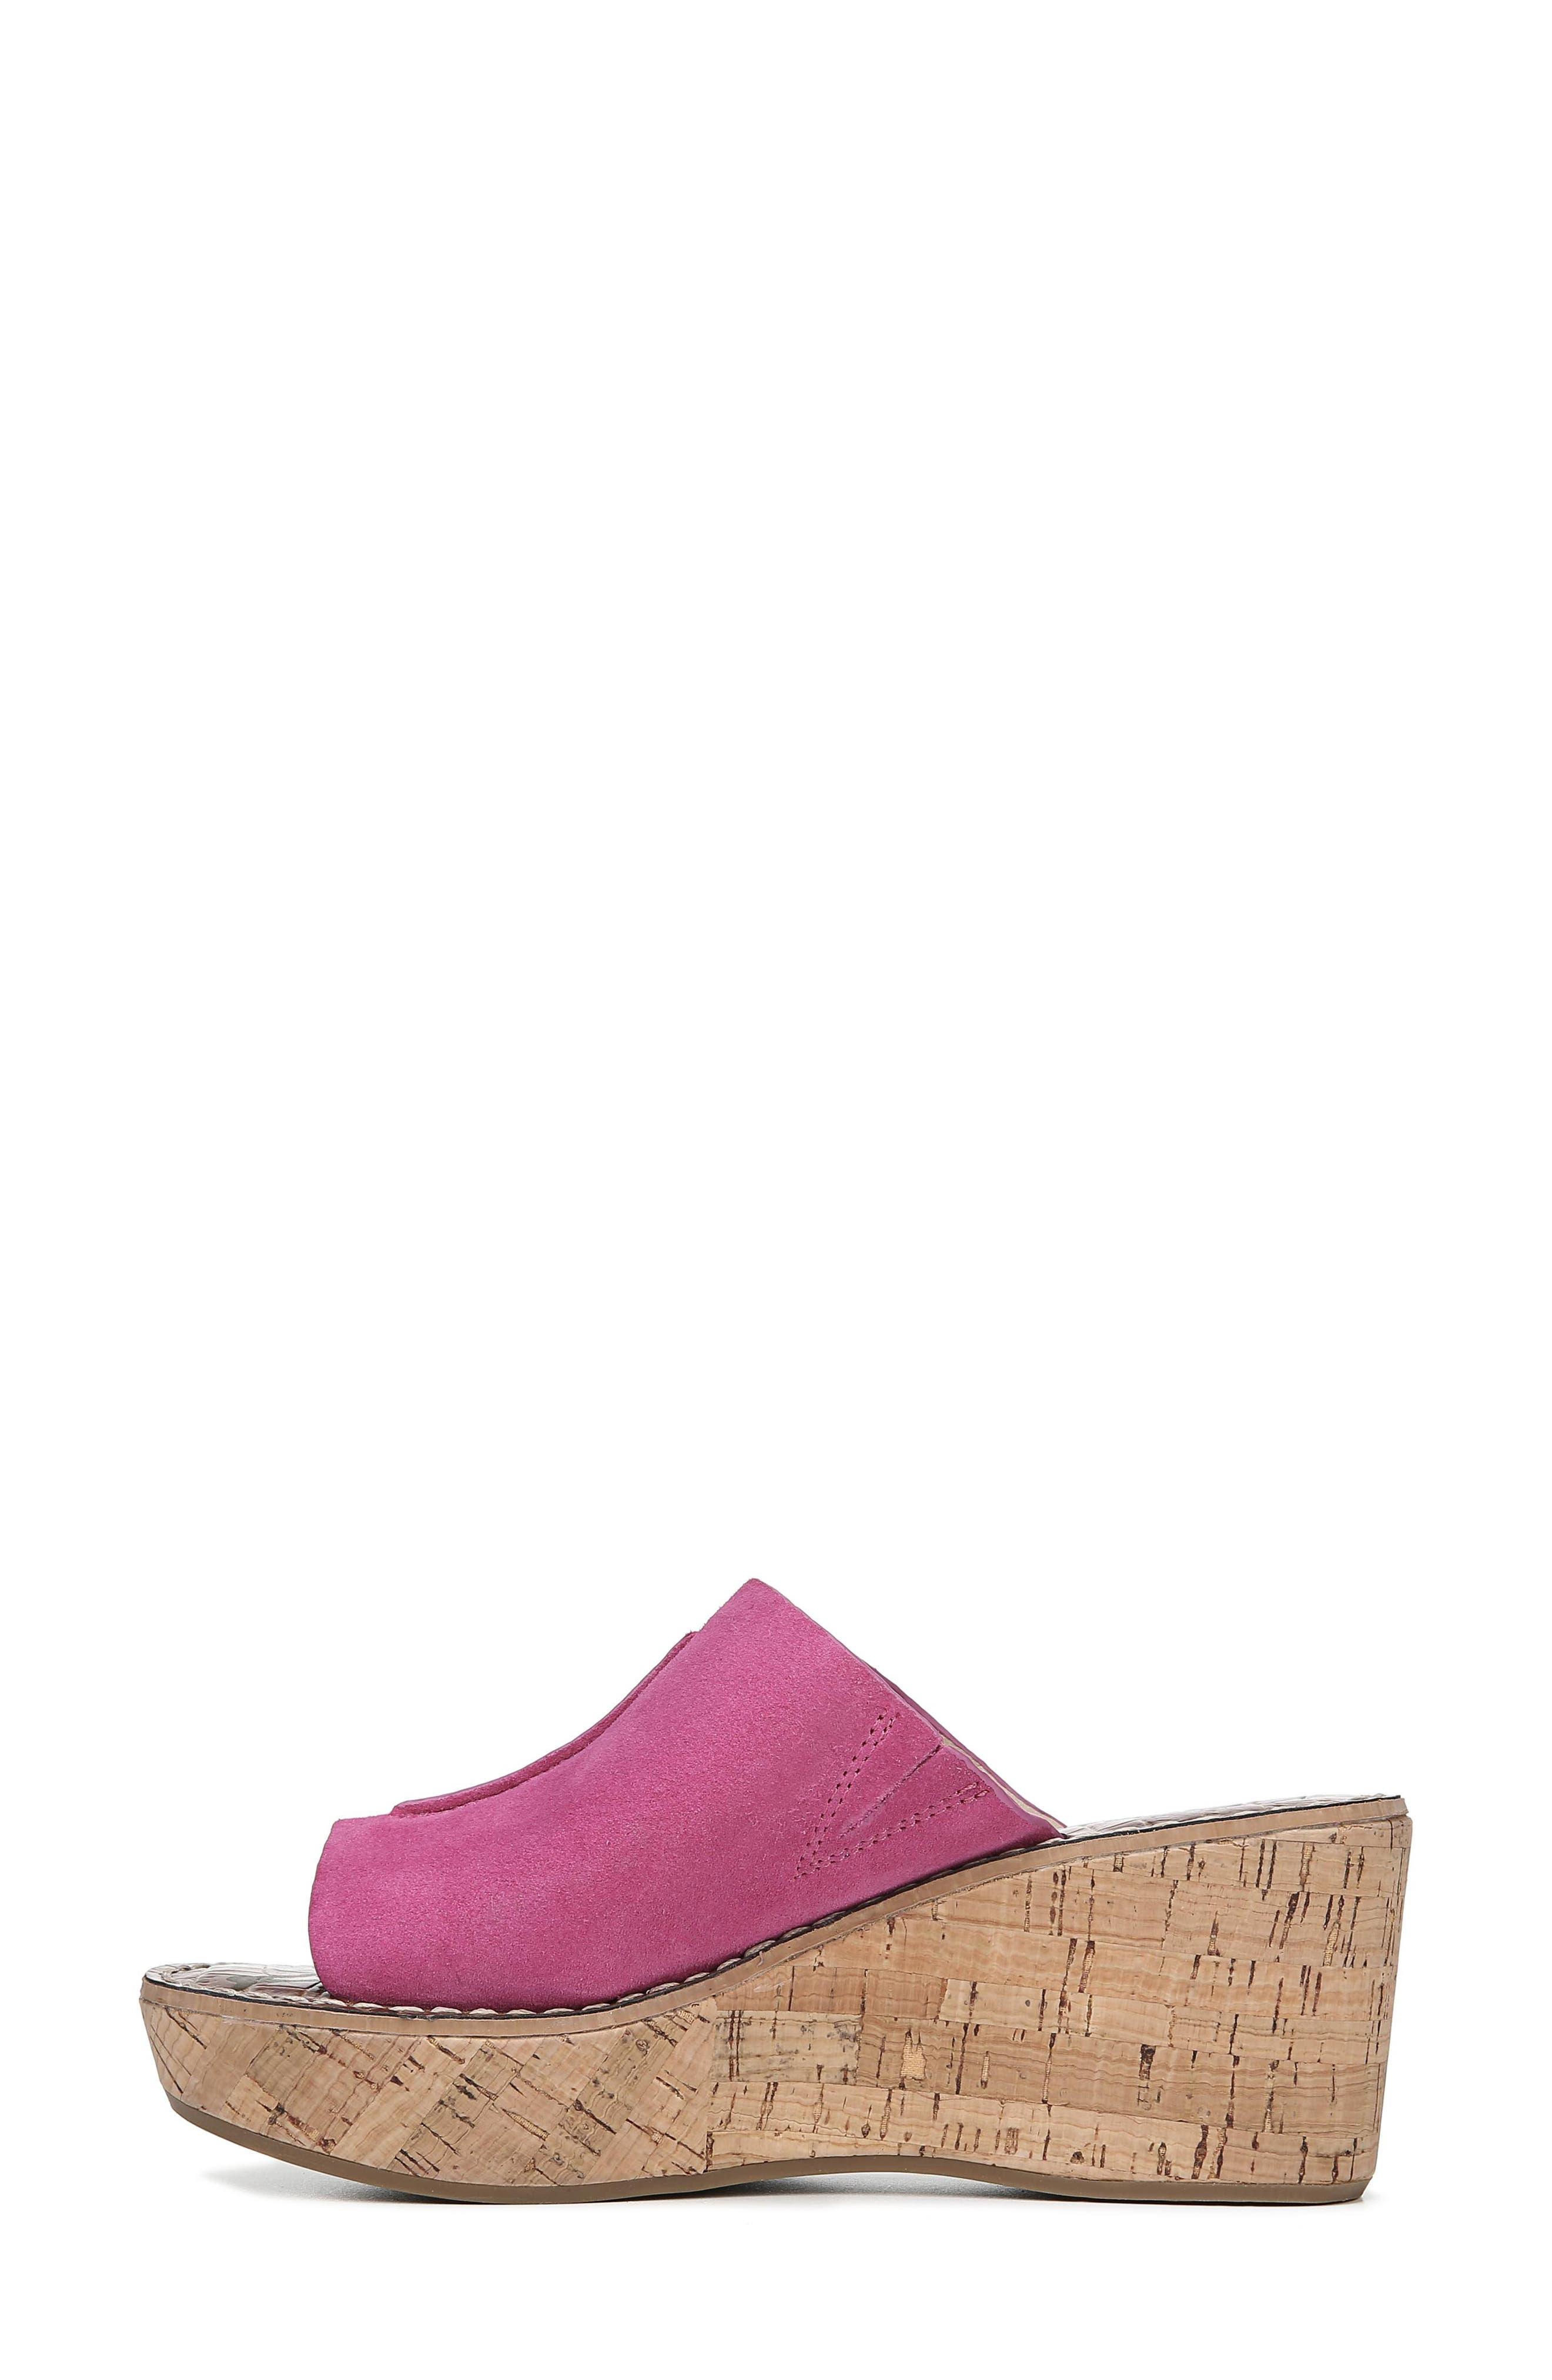 Ranger Platform Sandal,                             Alternate thumbnail 54, color,